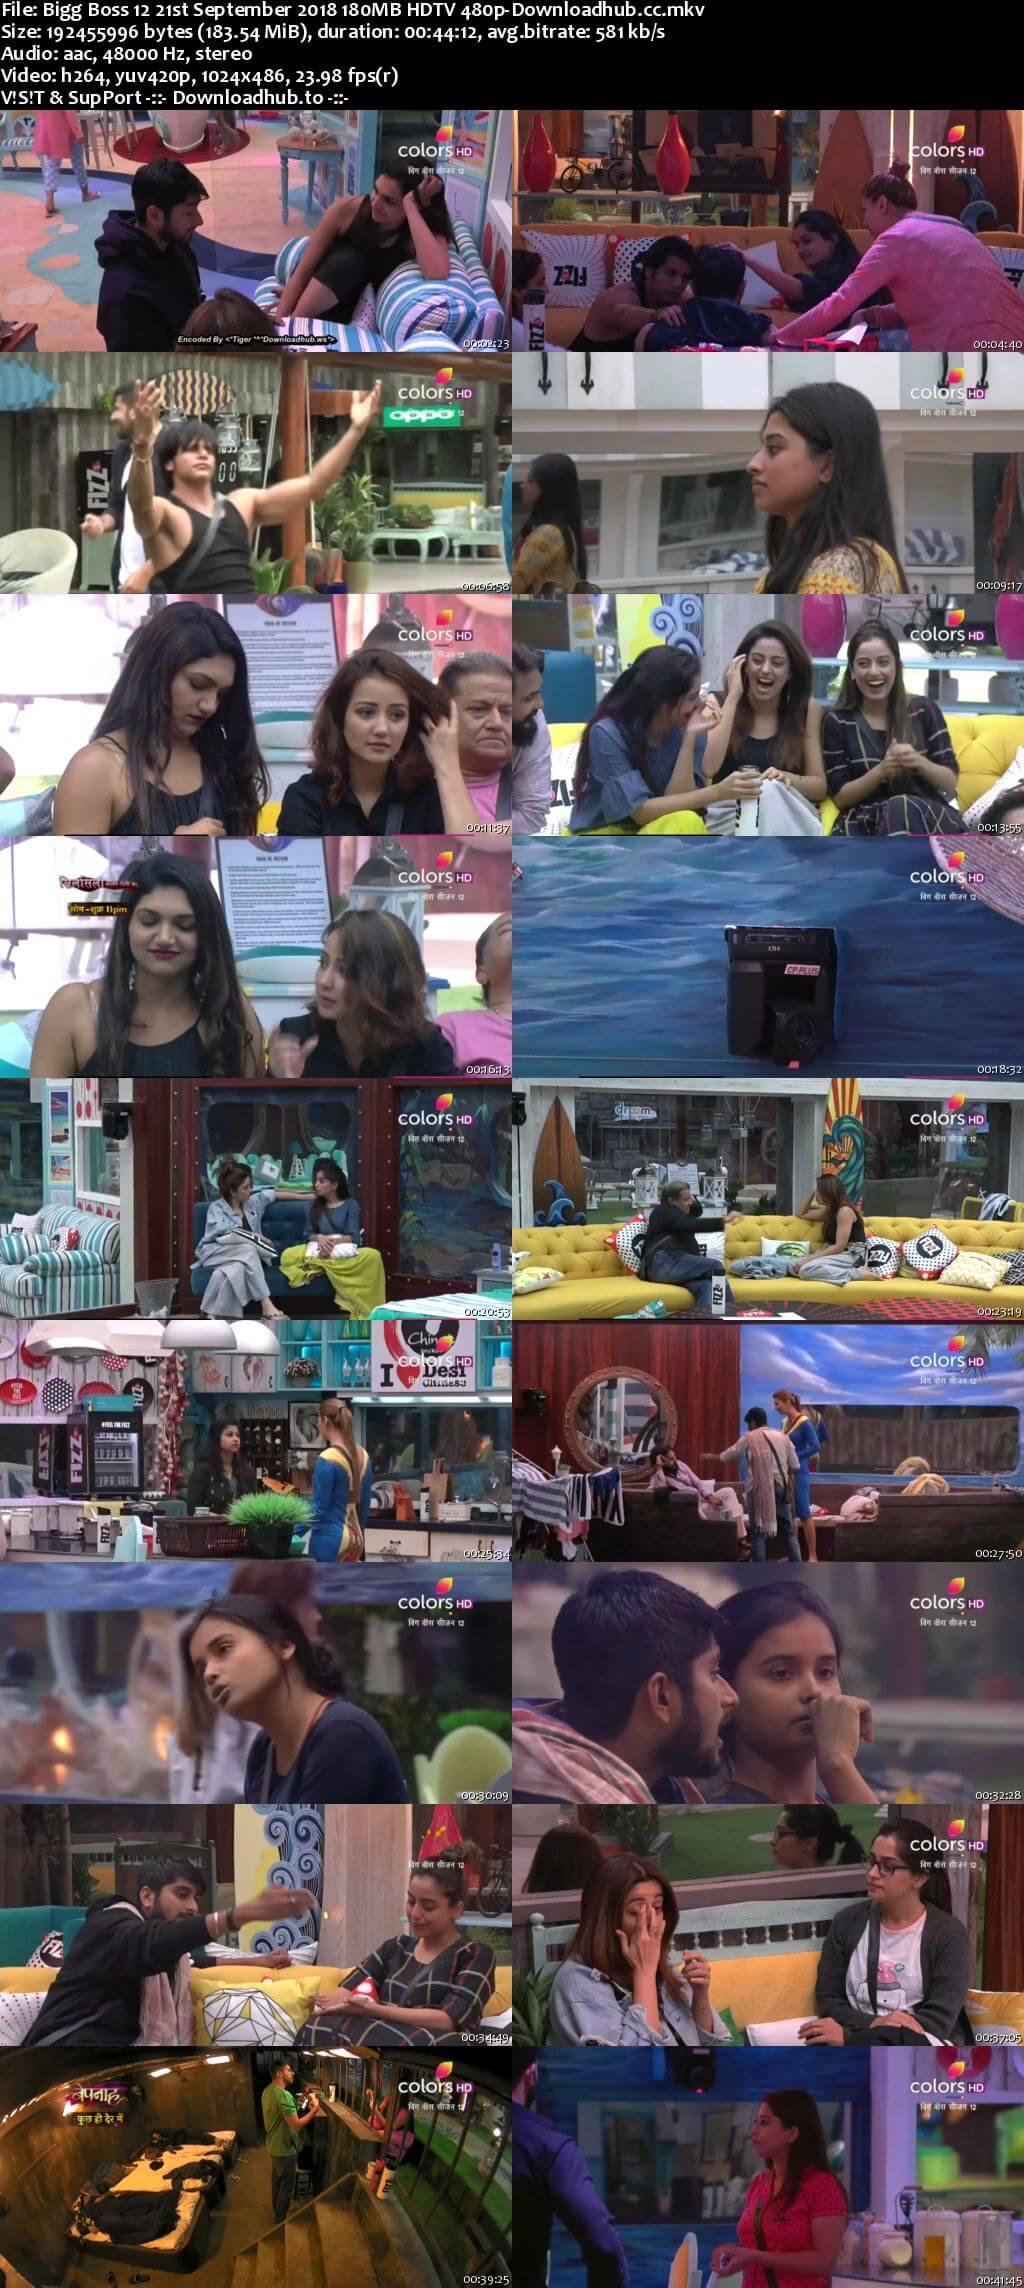 Bigg Boss 12 21 September 2018 Episode 05 HDTV 480p